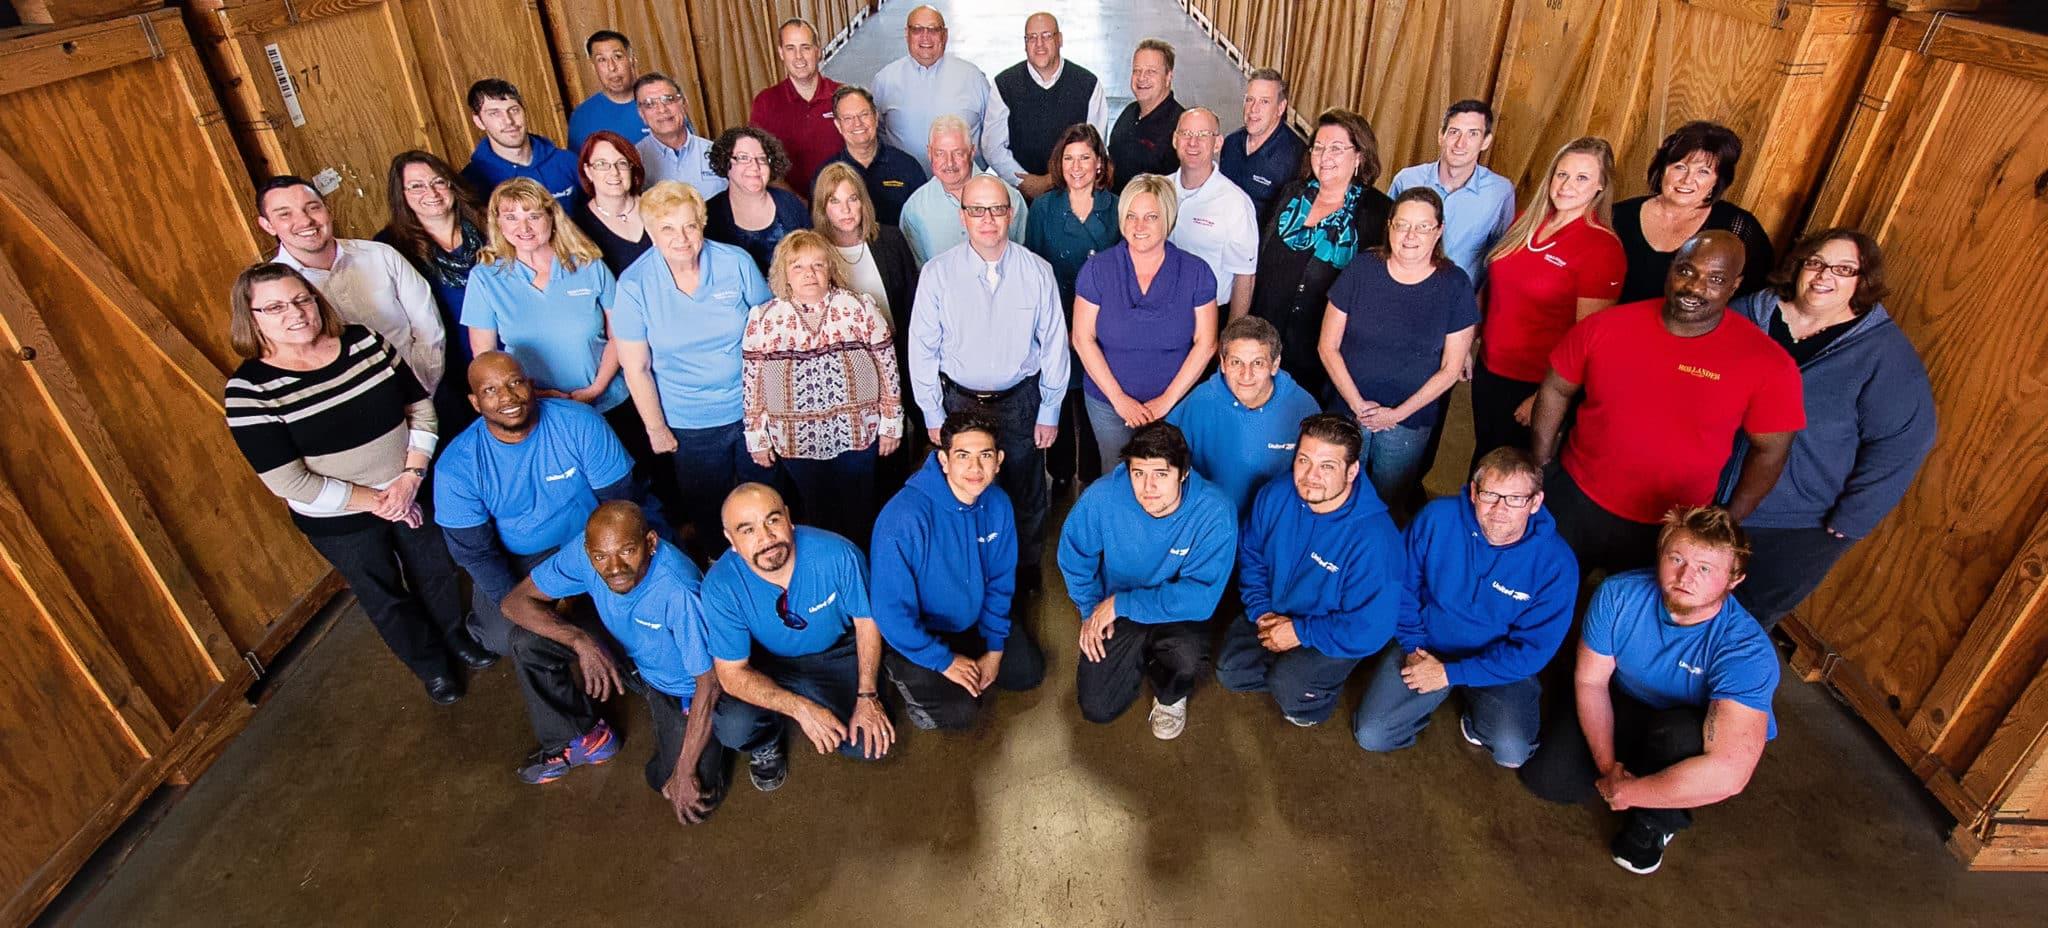 Hollander Company photo